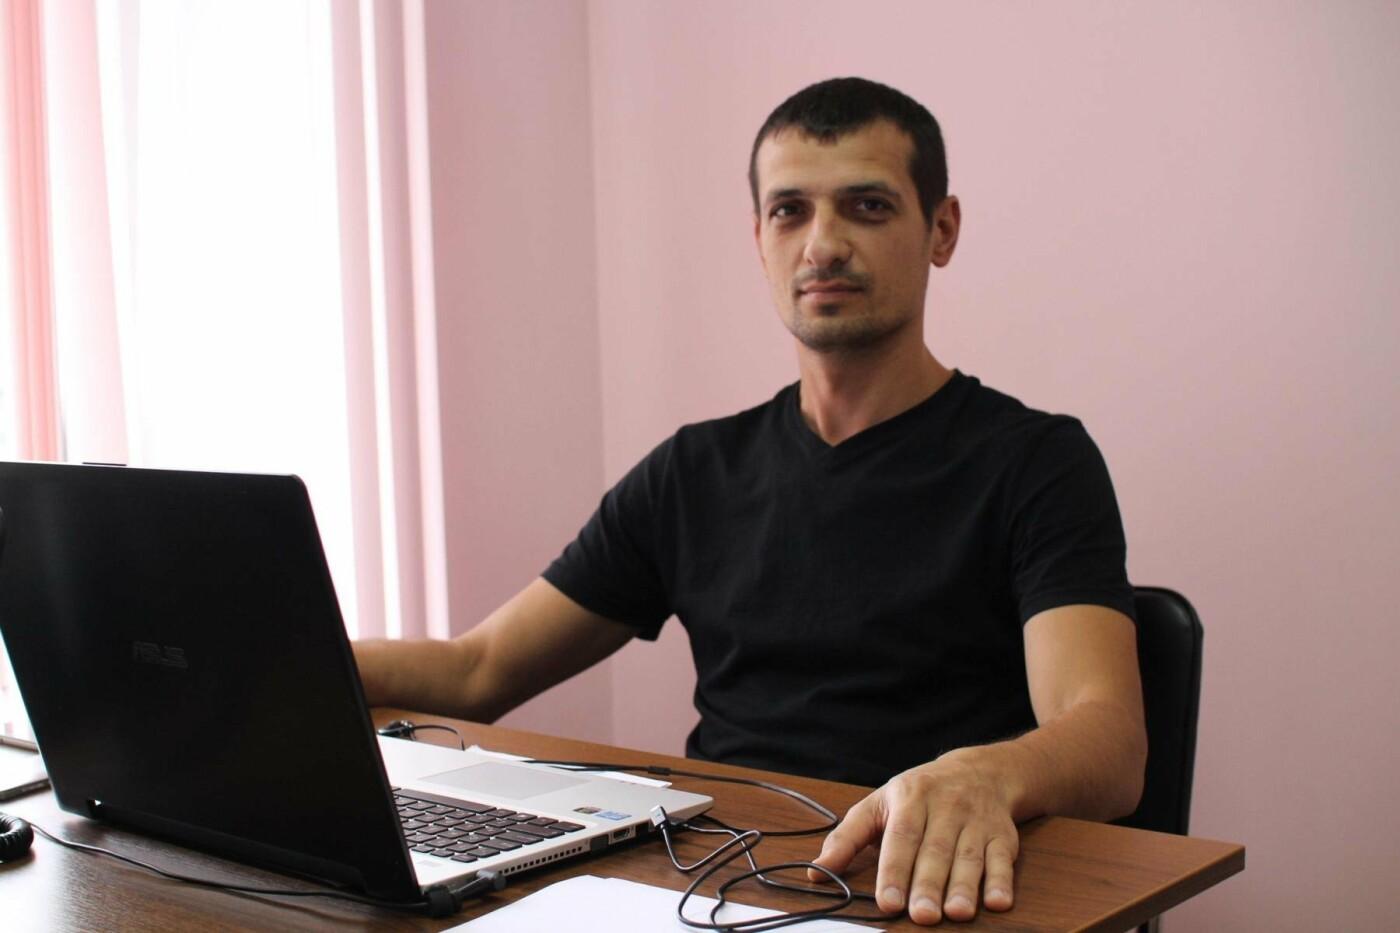 «Уже через 4 месяца ты сможешь работать в IT»: история запорожской школы, в которой готовят айтишников, фото-4